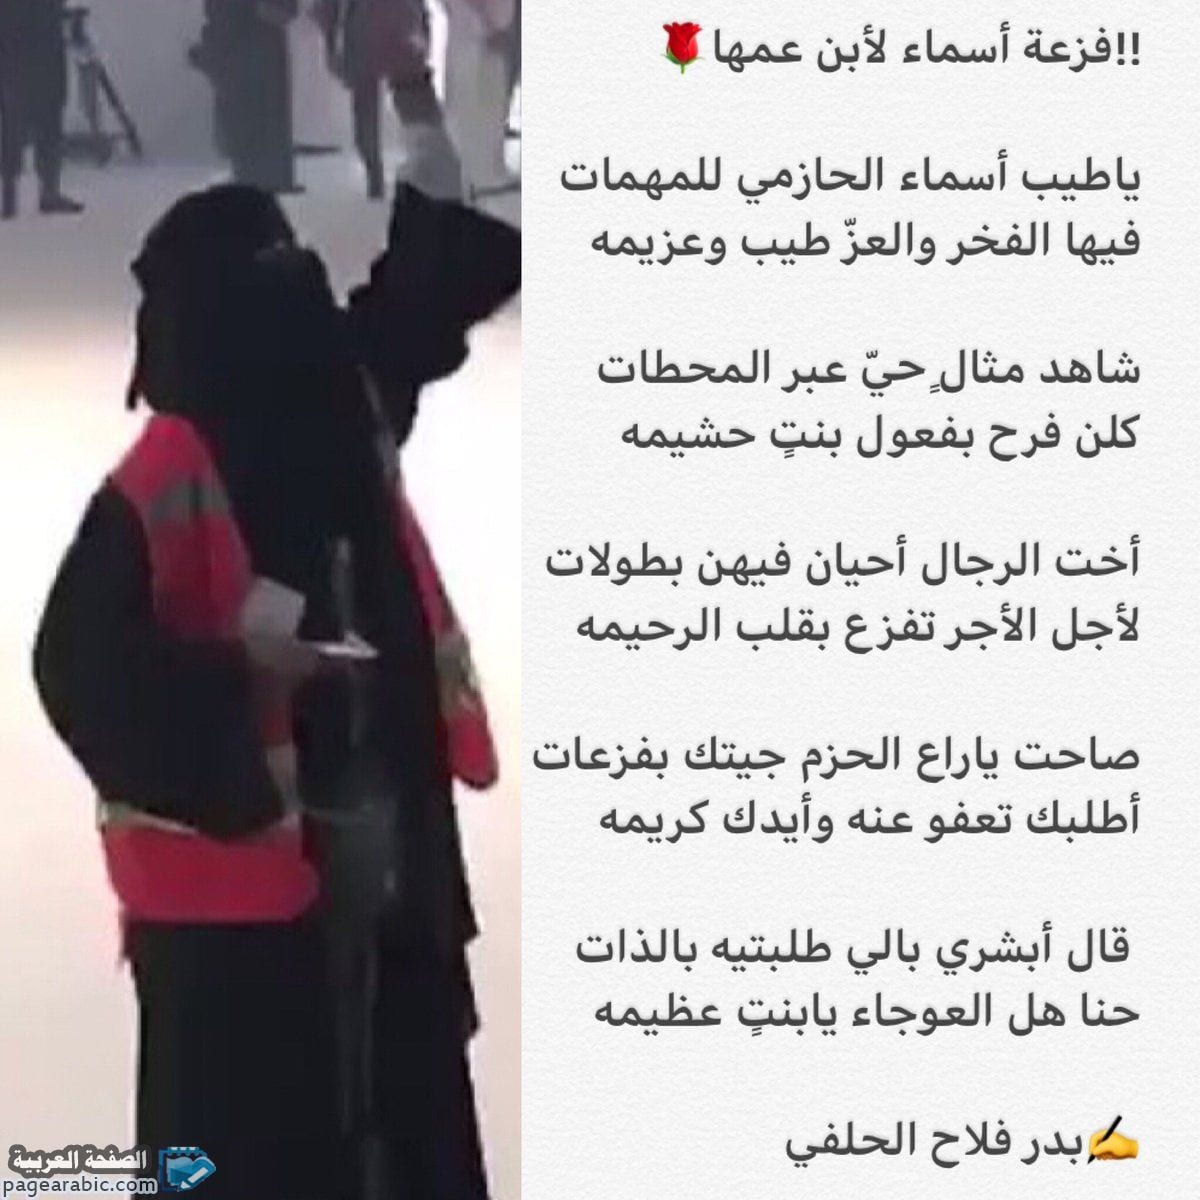 صورة فيديو الإعلامية أسماء الحازمي تنخى الملك تنتخي الملك في عرعر